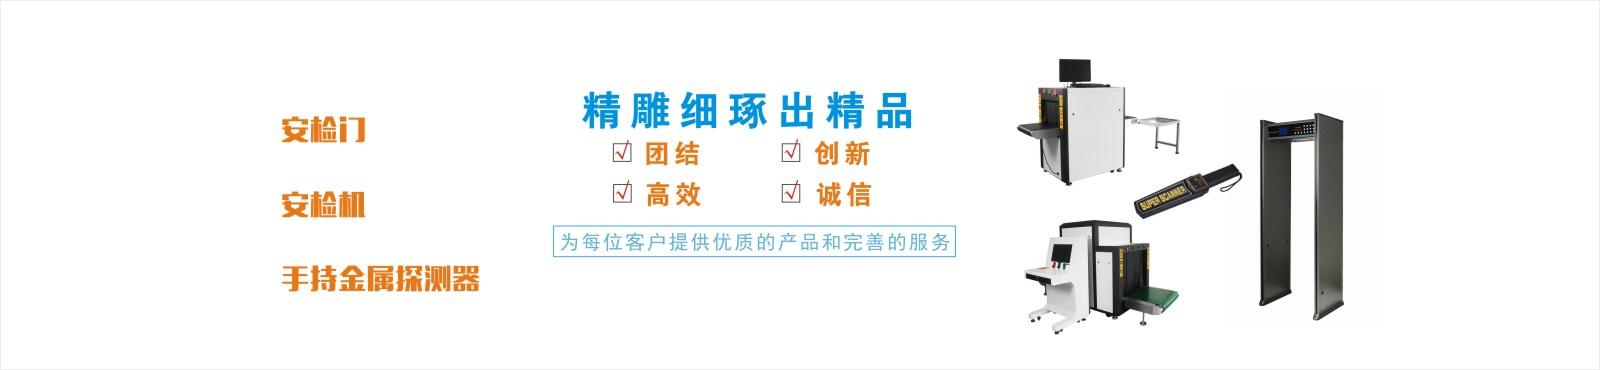 武汉智能新风系统